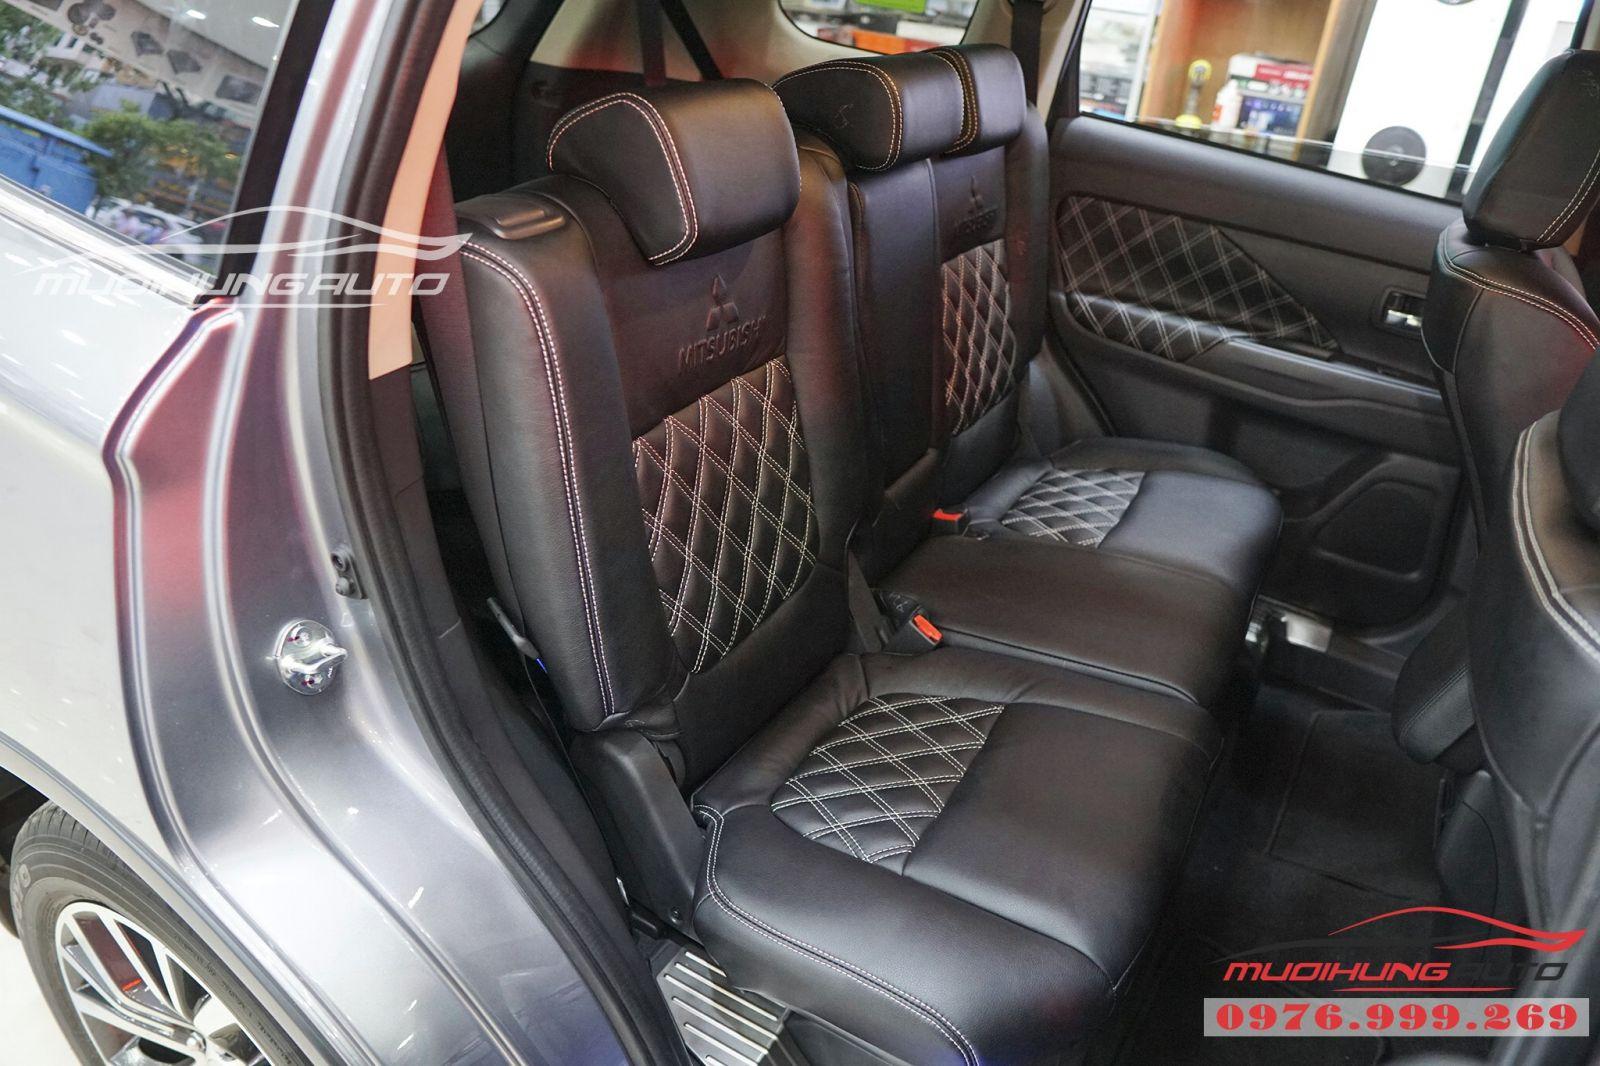 Mitsubishi Outlander bọc ghế cao cấp giá rẻ tại TPHCM 05